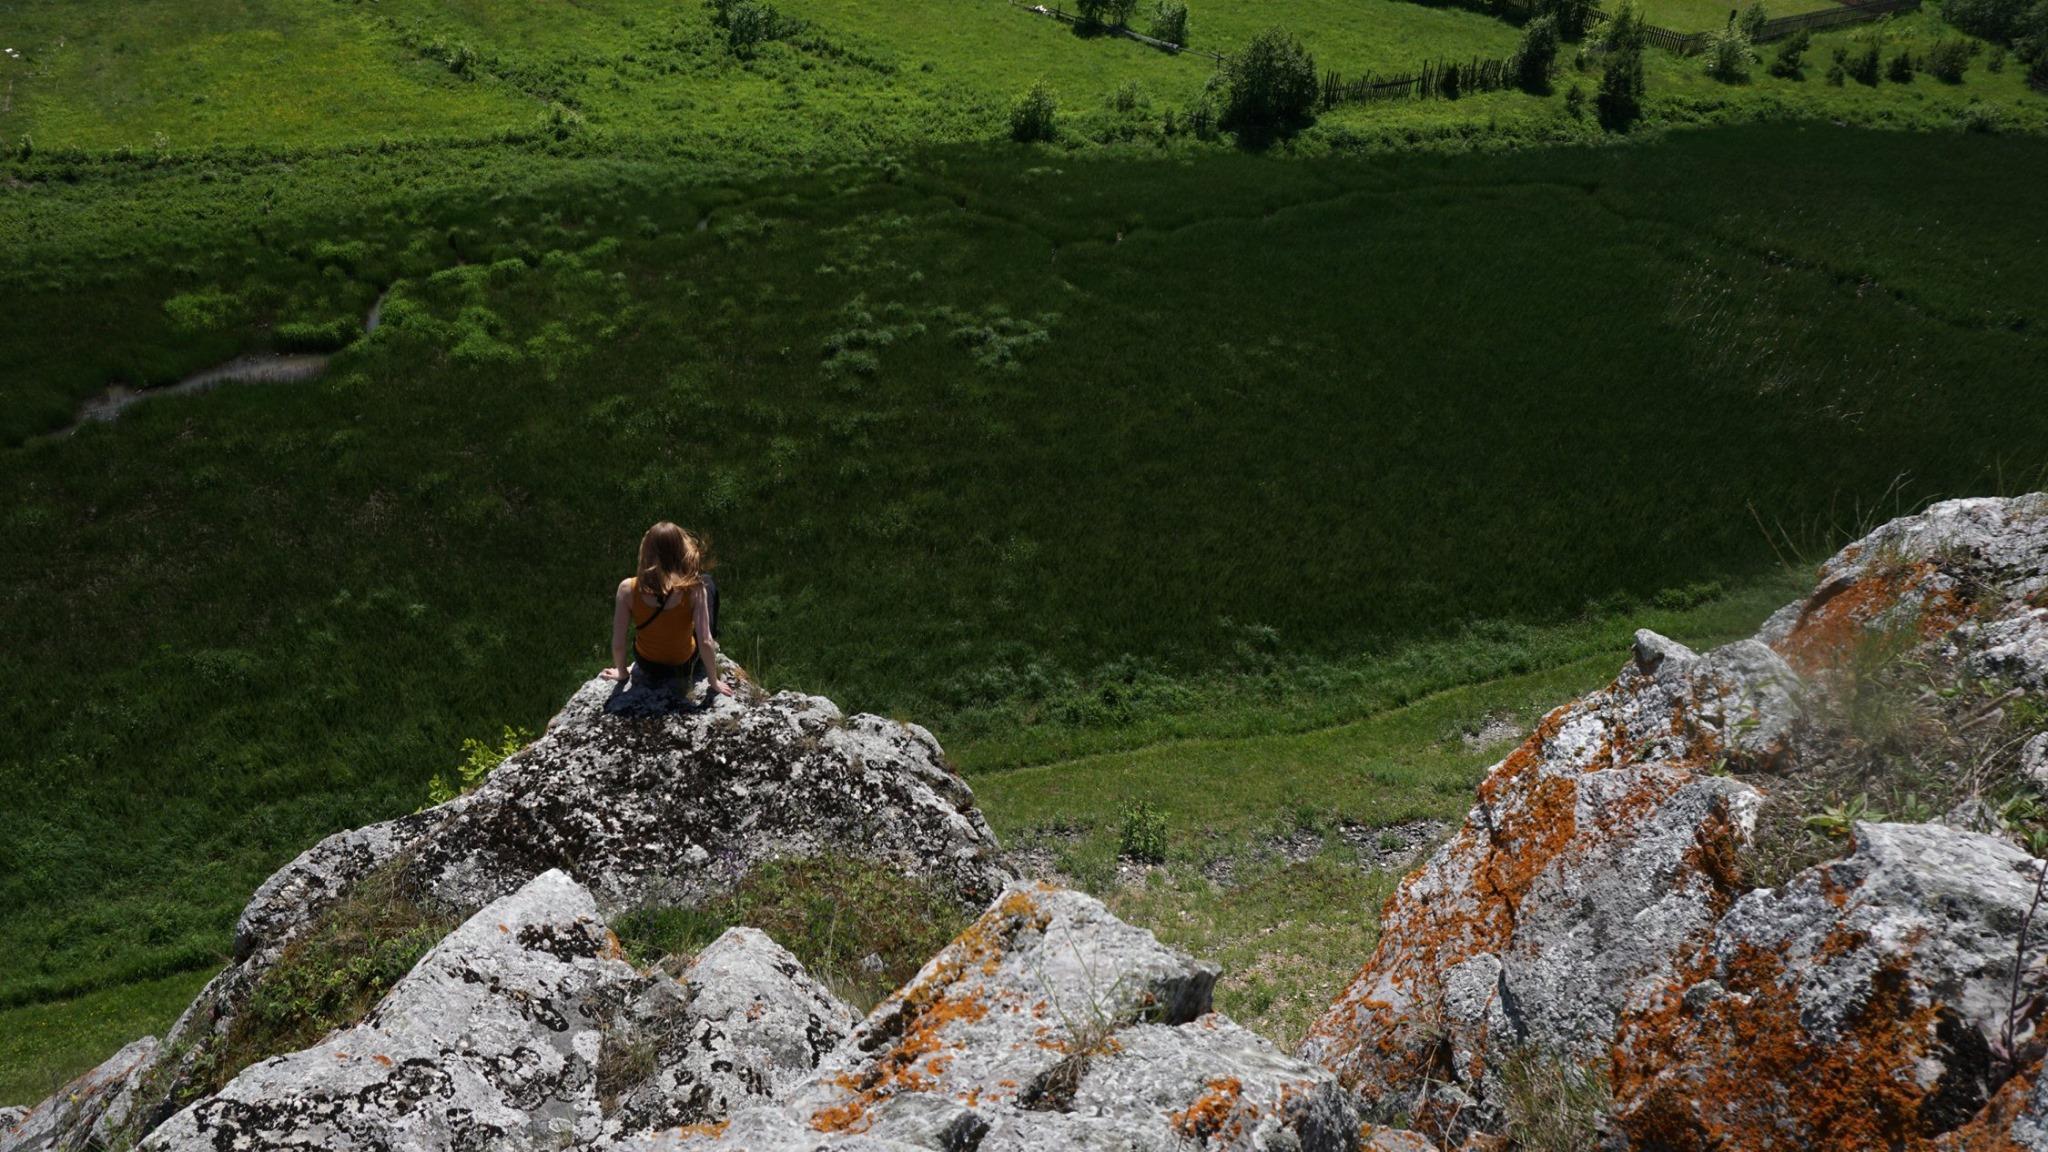 Михайловск, Аракаево, Свердловская область, маршрут выходного дня, куда поехать, лето на Урале, Уральская Швейцария